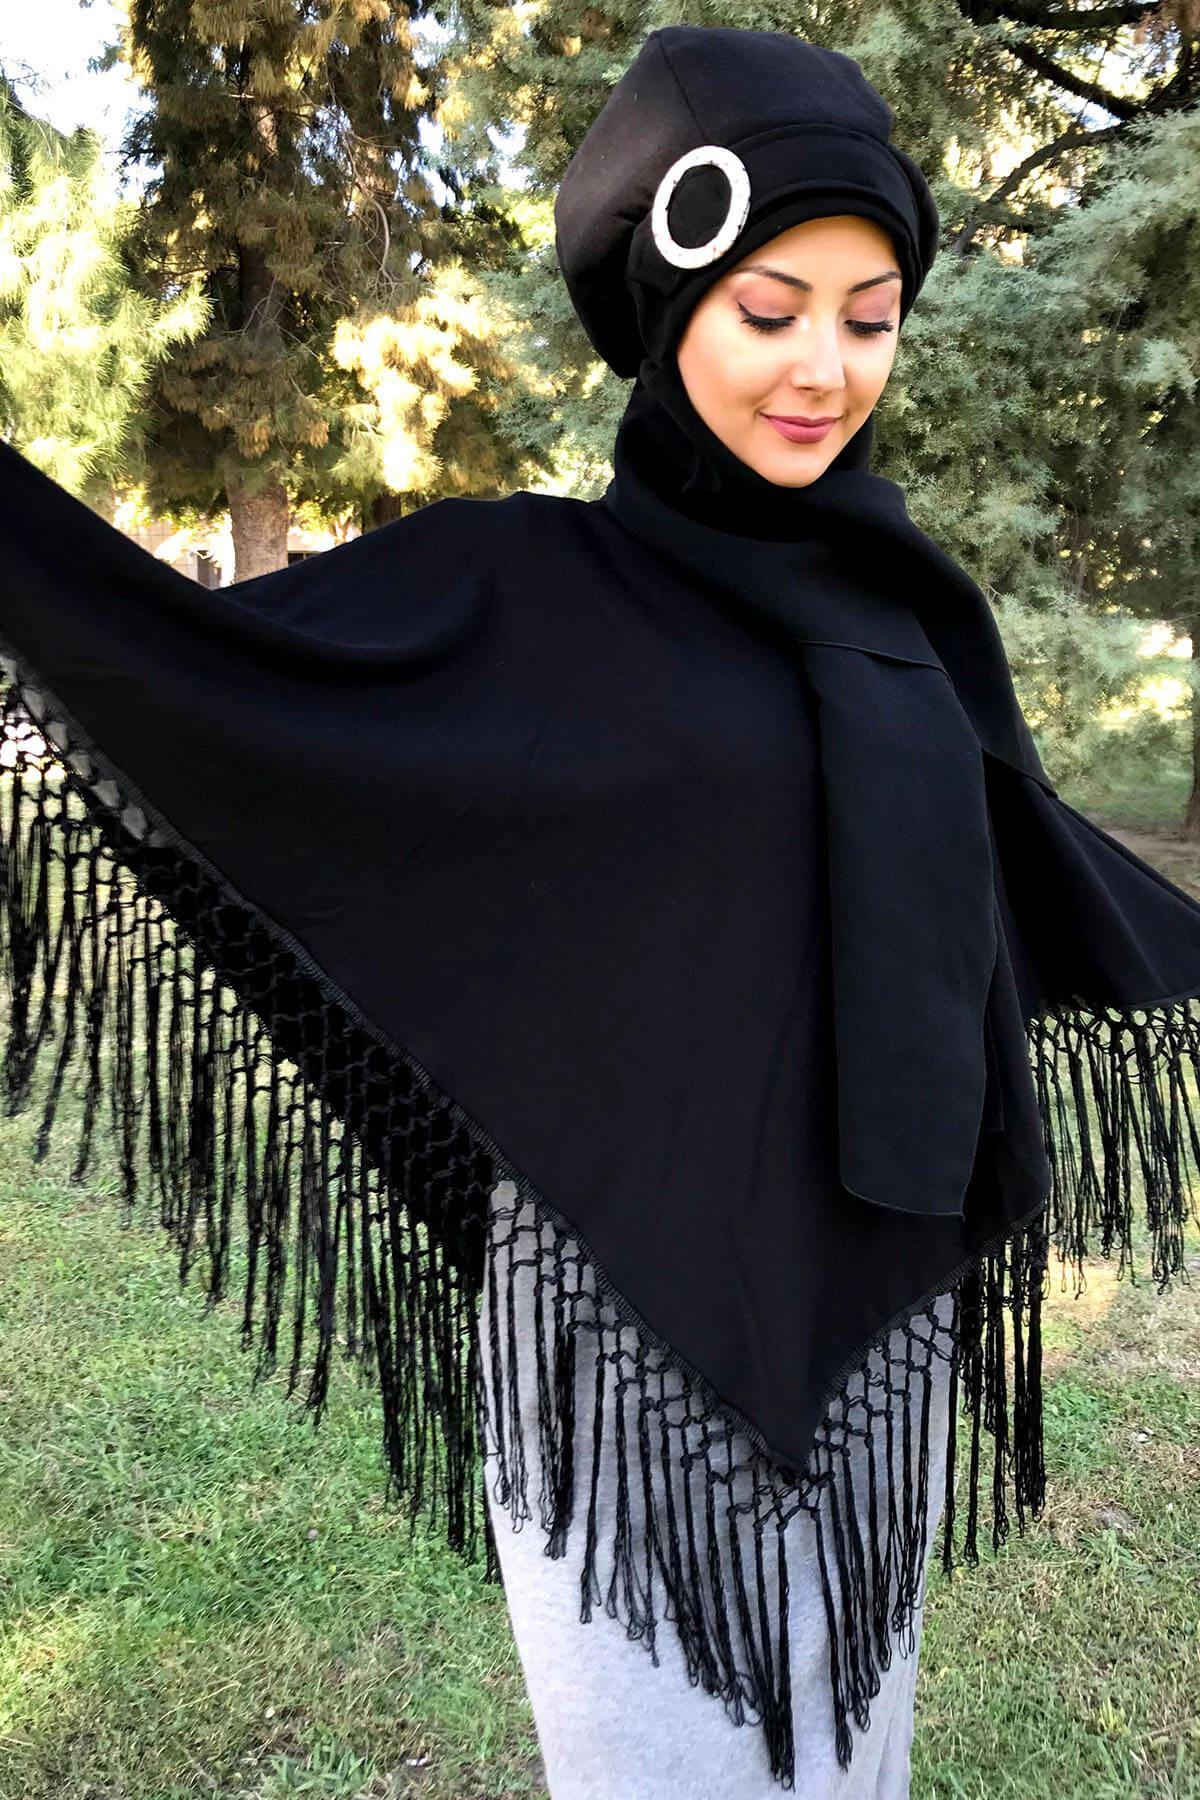 Siyah Püsküllü Panço& Nazlı Model Tokalı Siyah Atkılı Bere Şal Kombin